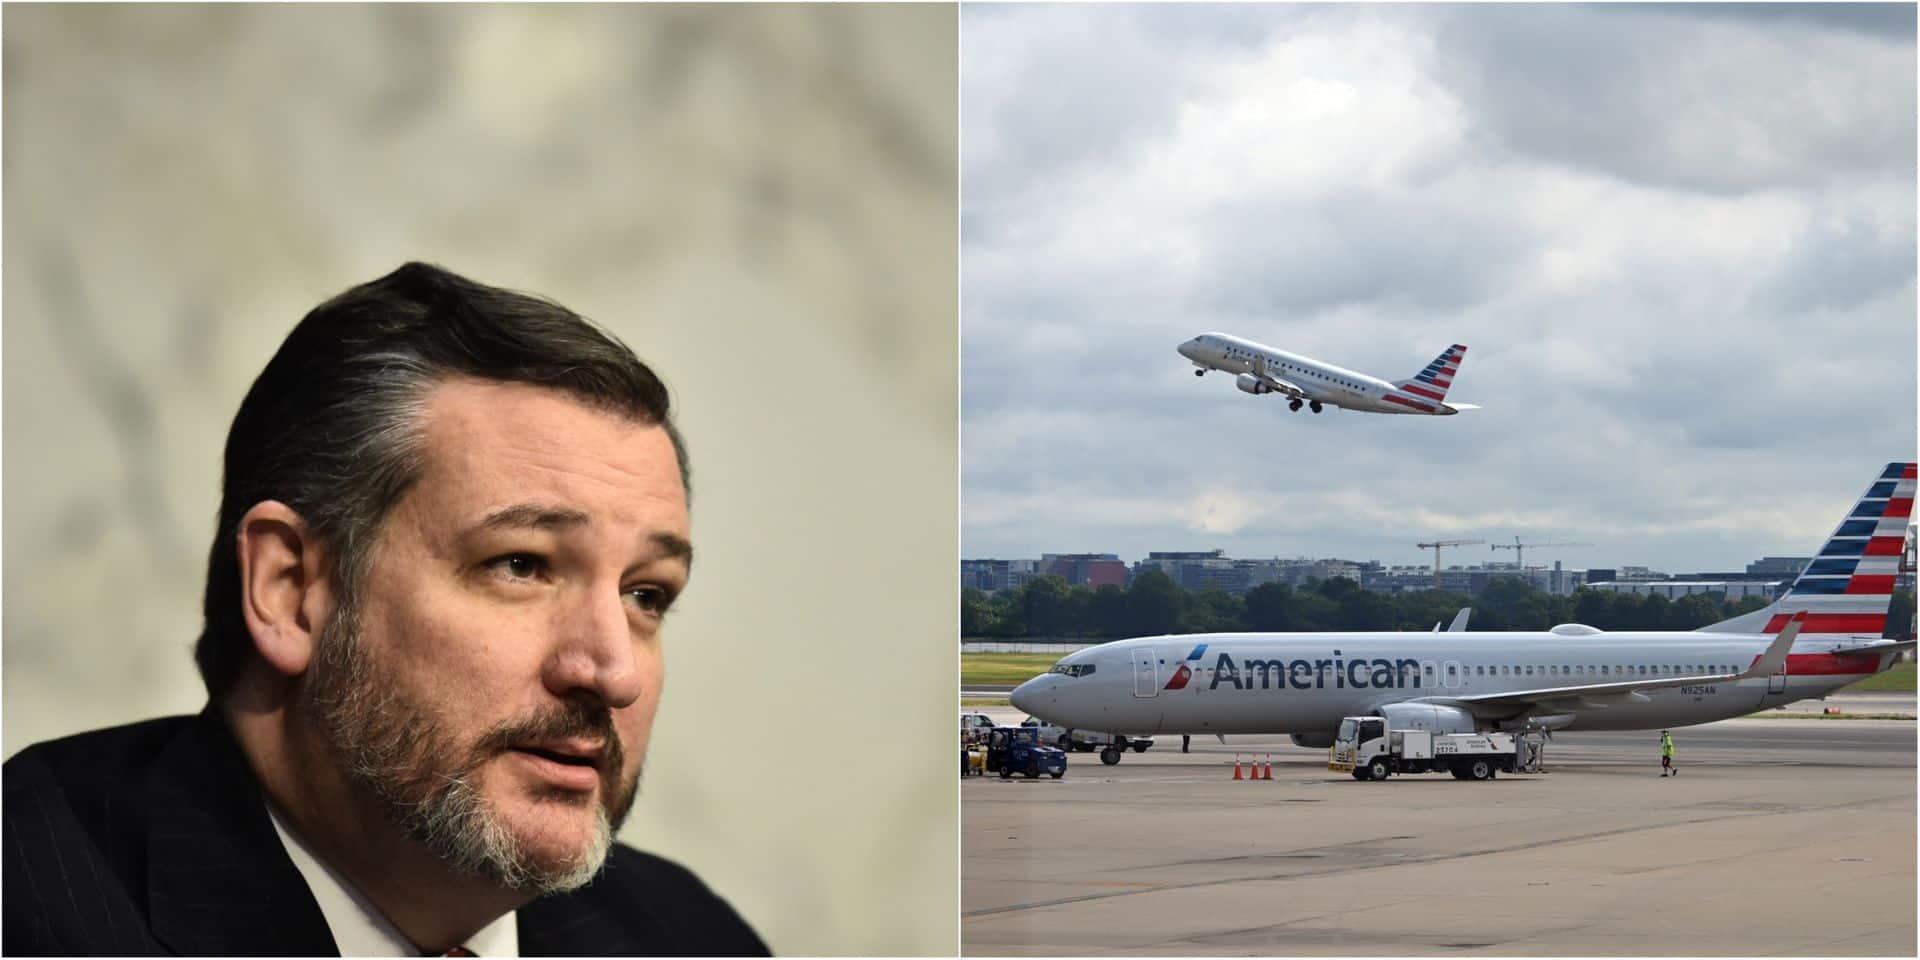 Un proche de Trump sermonné par American Airlines après qu'il a posté une photo